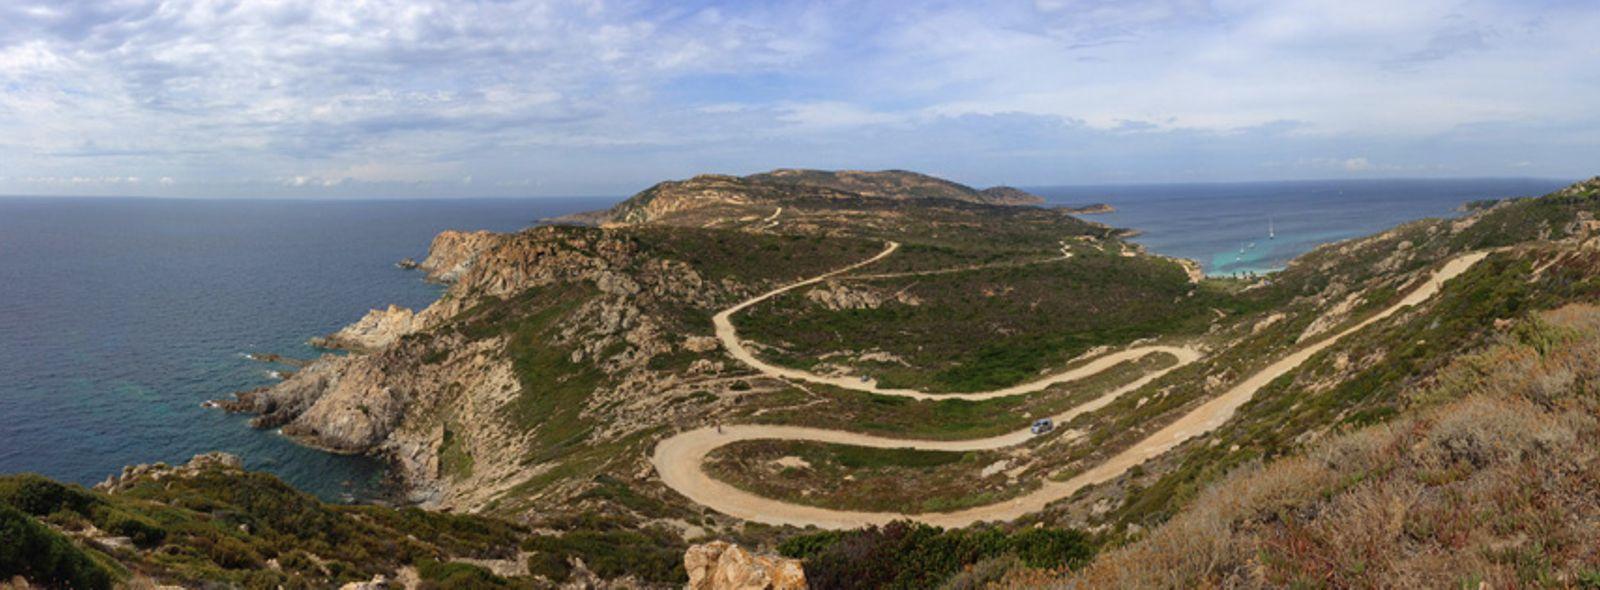 Giro della Corsica in auto